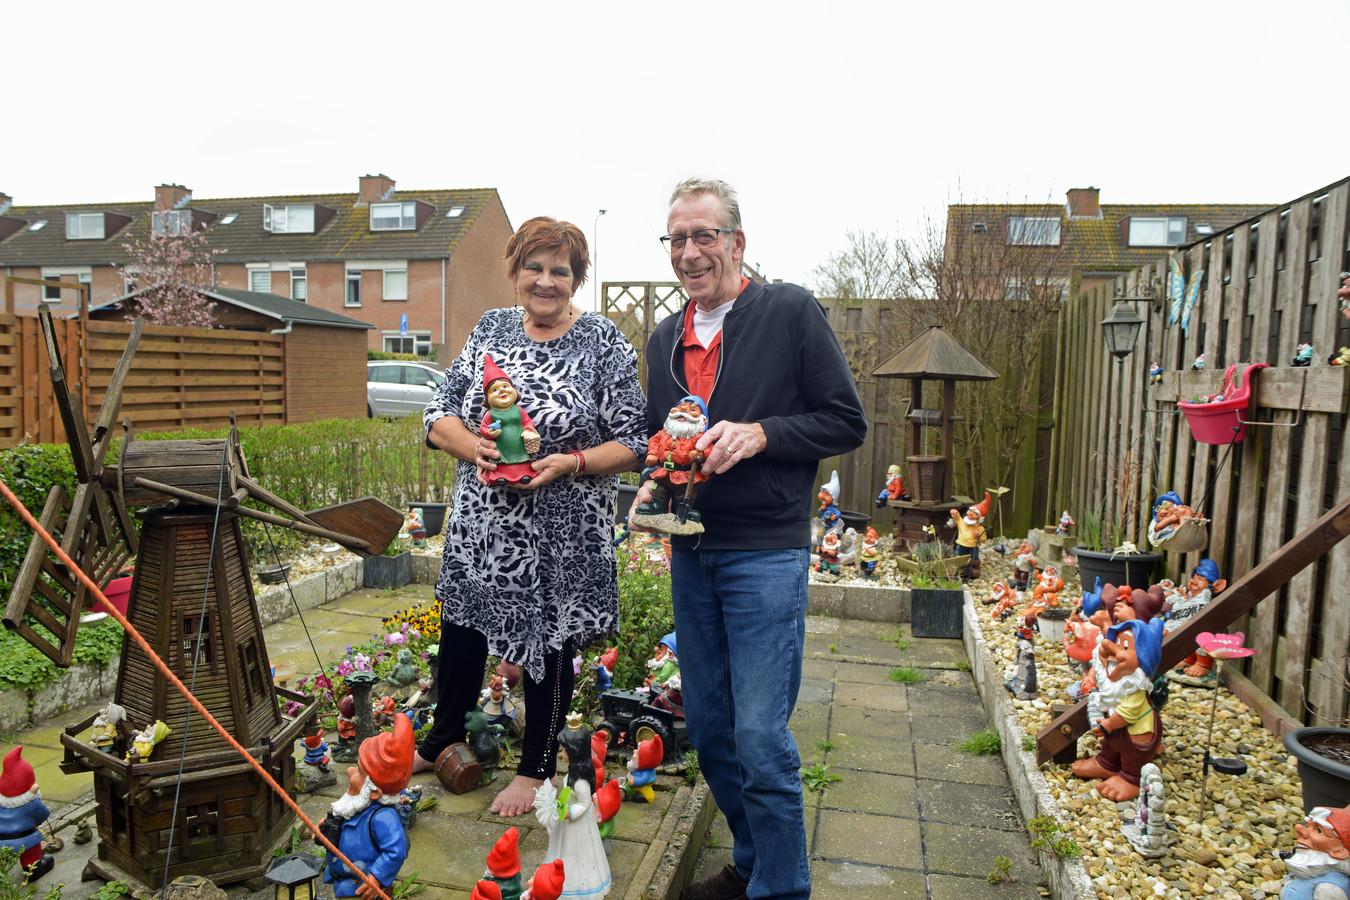 """Adri en Jan Schoo in hun achtertuin in de Zierikzeese wijk Poortambacht. Adri heeft haar nieuwste aanwinst vast. Jan een mopperig kijkend exemplaar: ,,Ik weet nu al wat mijn vrienden zeggen. Kijk die sukkel nou staan met z'n kabouter."""""""